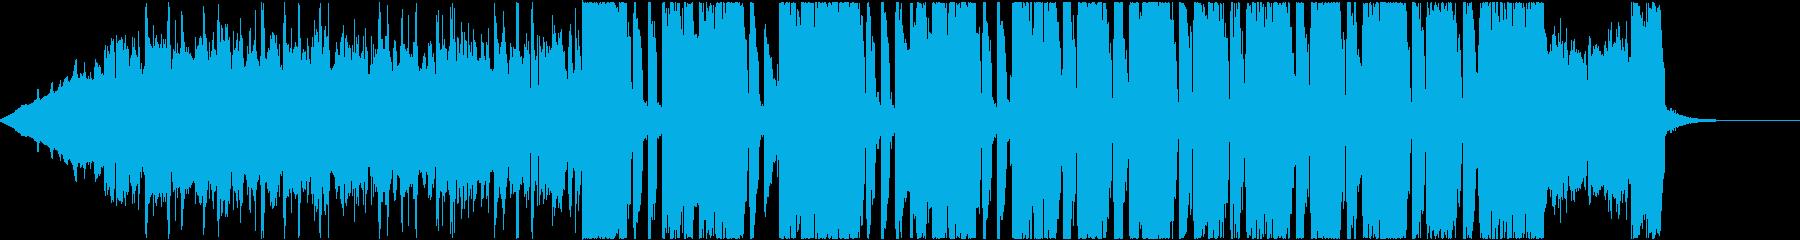 ギターリフがかっこいい30秒ジングルの再生済みの波形